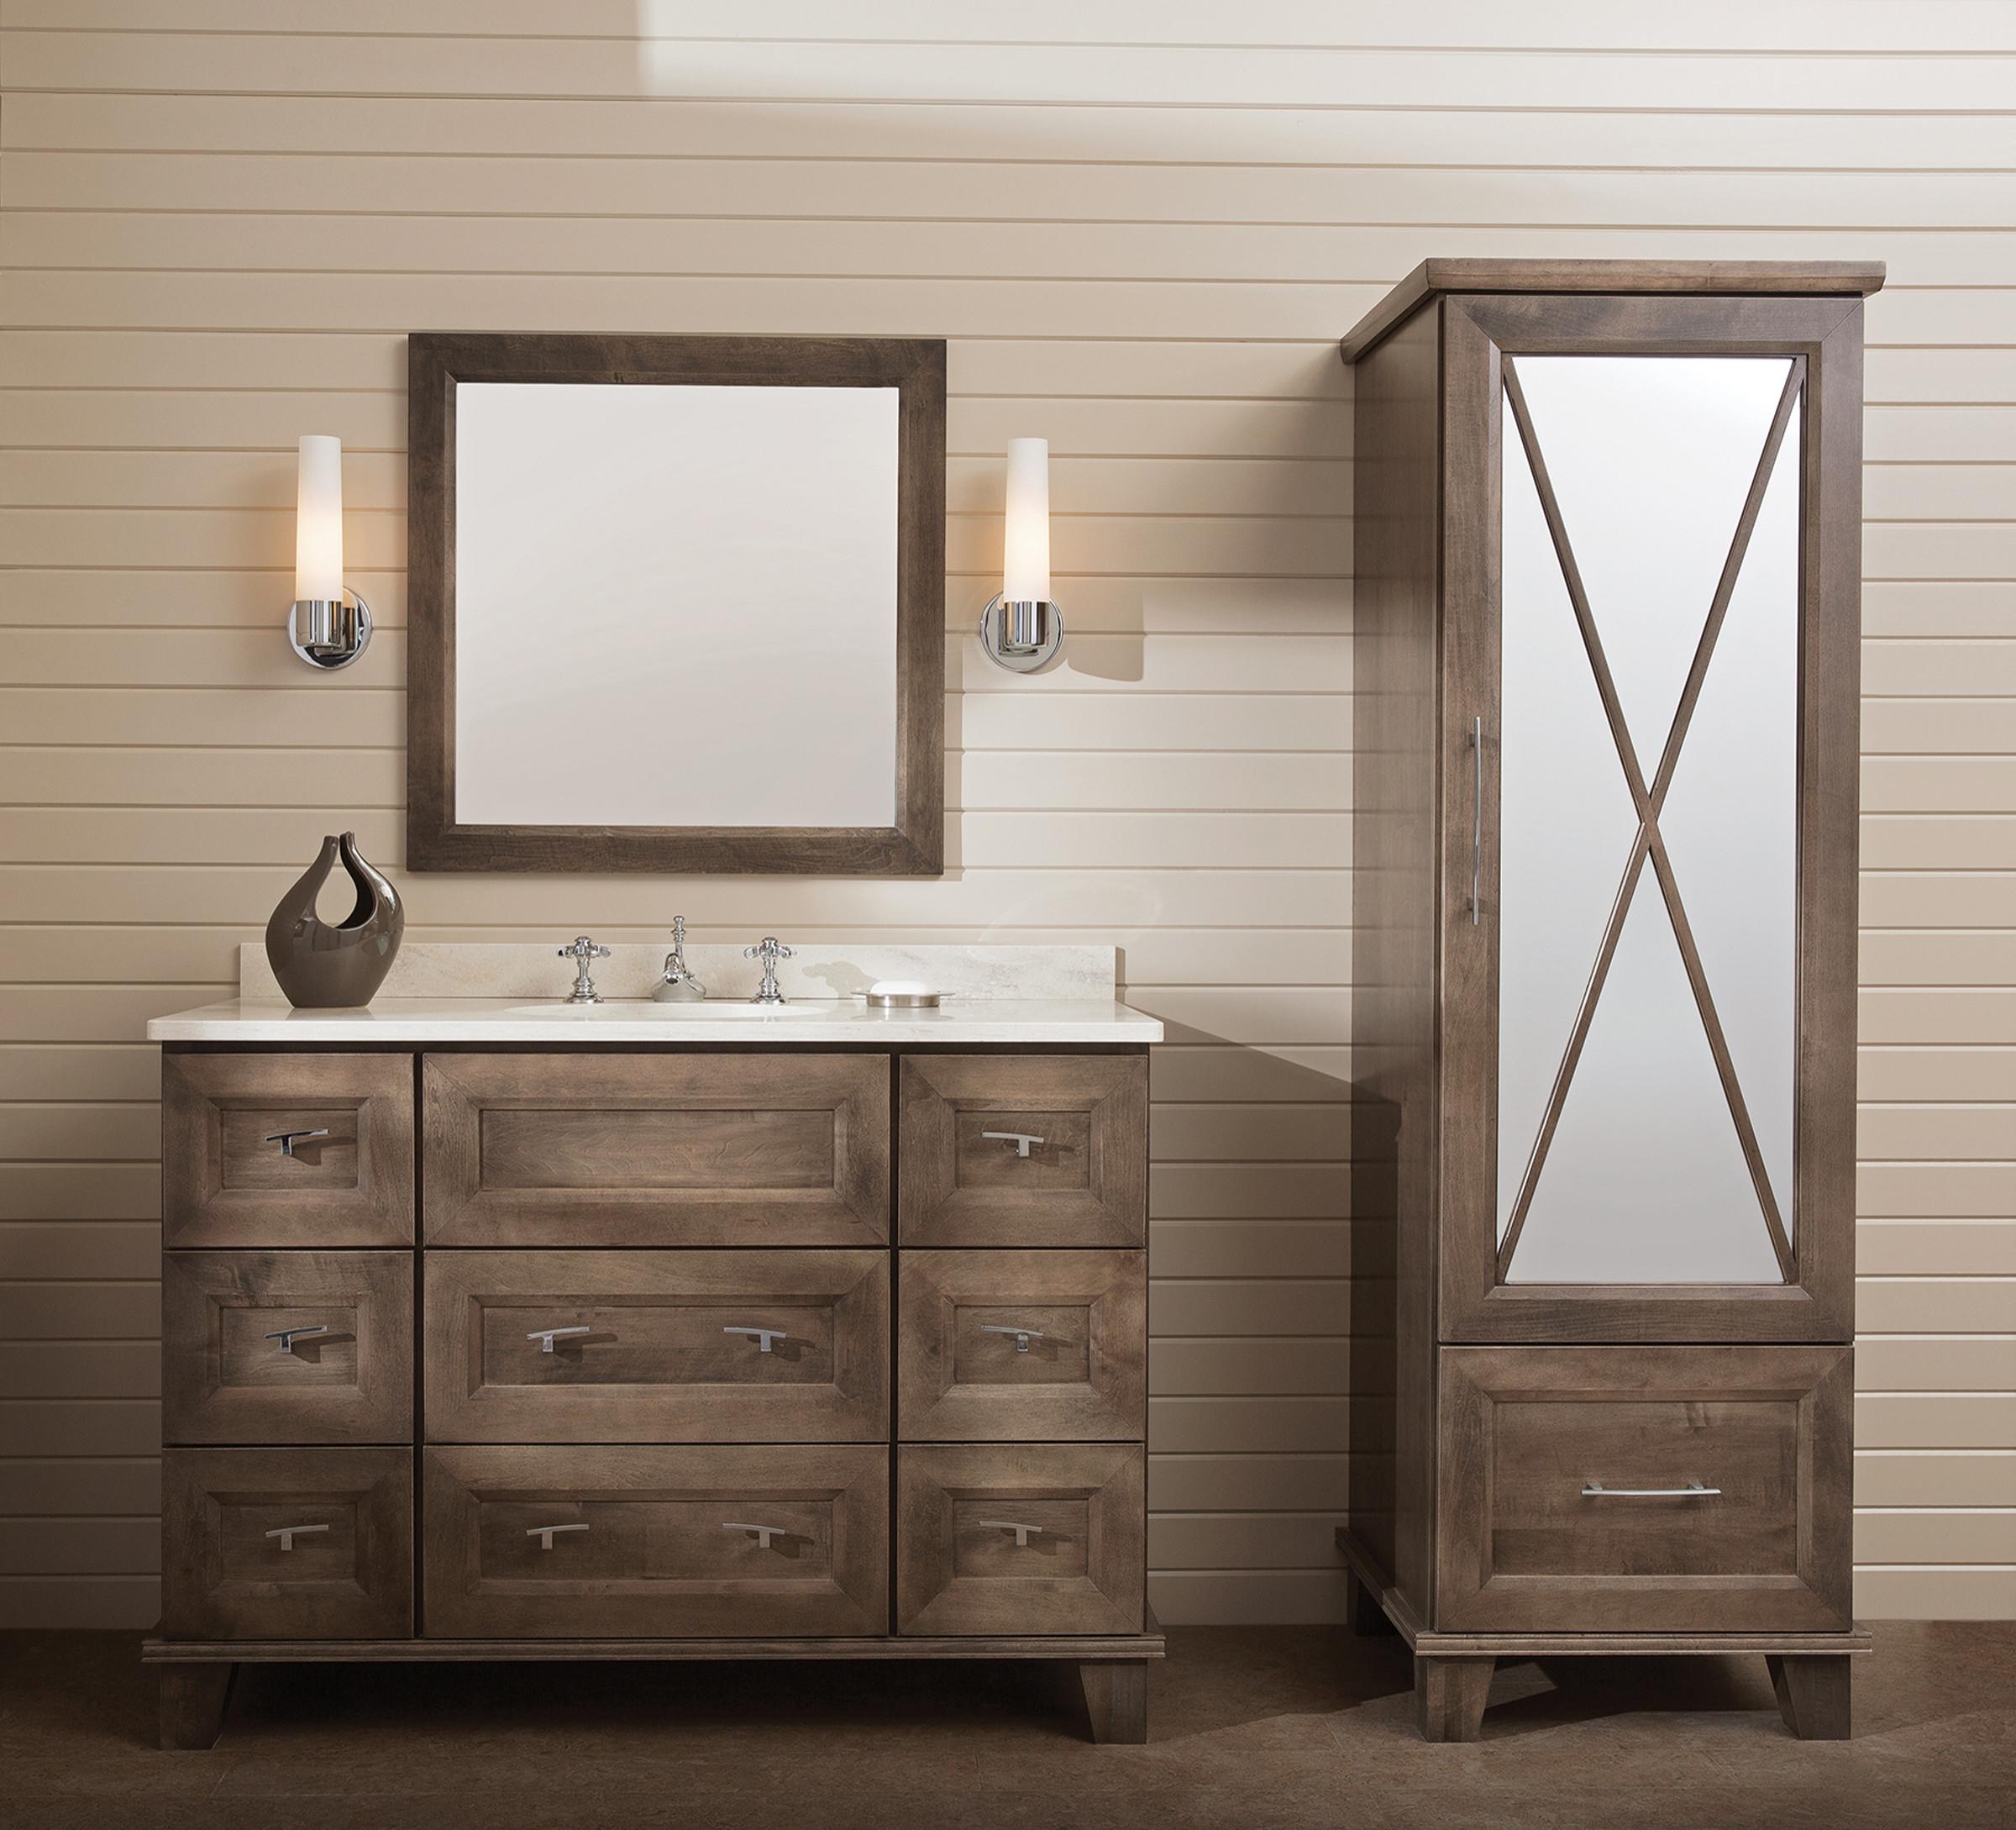 Furniture Style Bathroom Vanities Ideas, Bathroom Vanities That Look Like Furniture